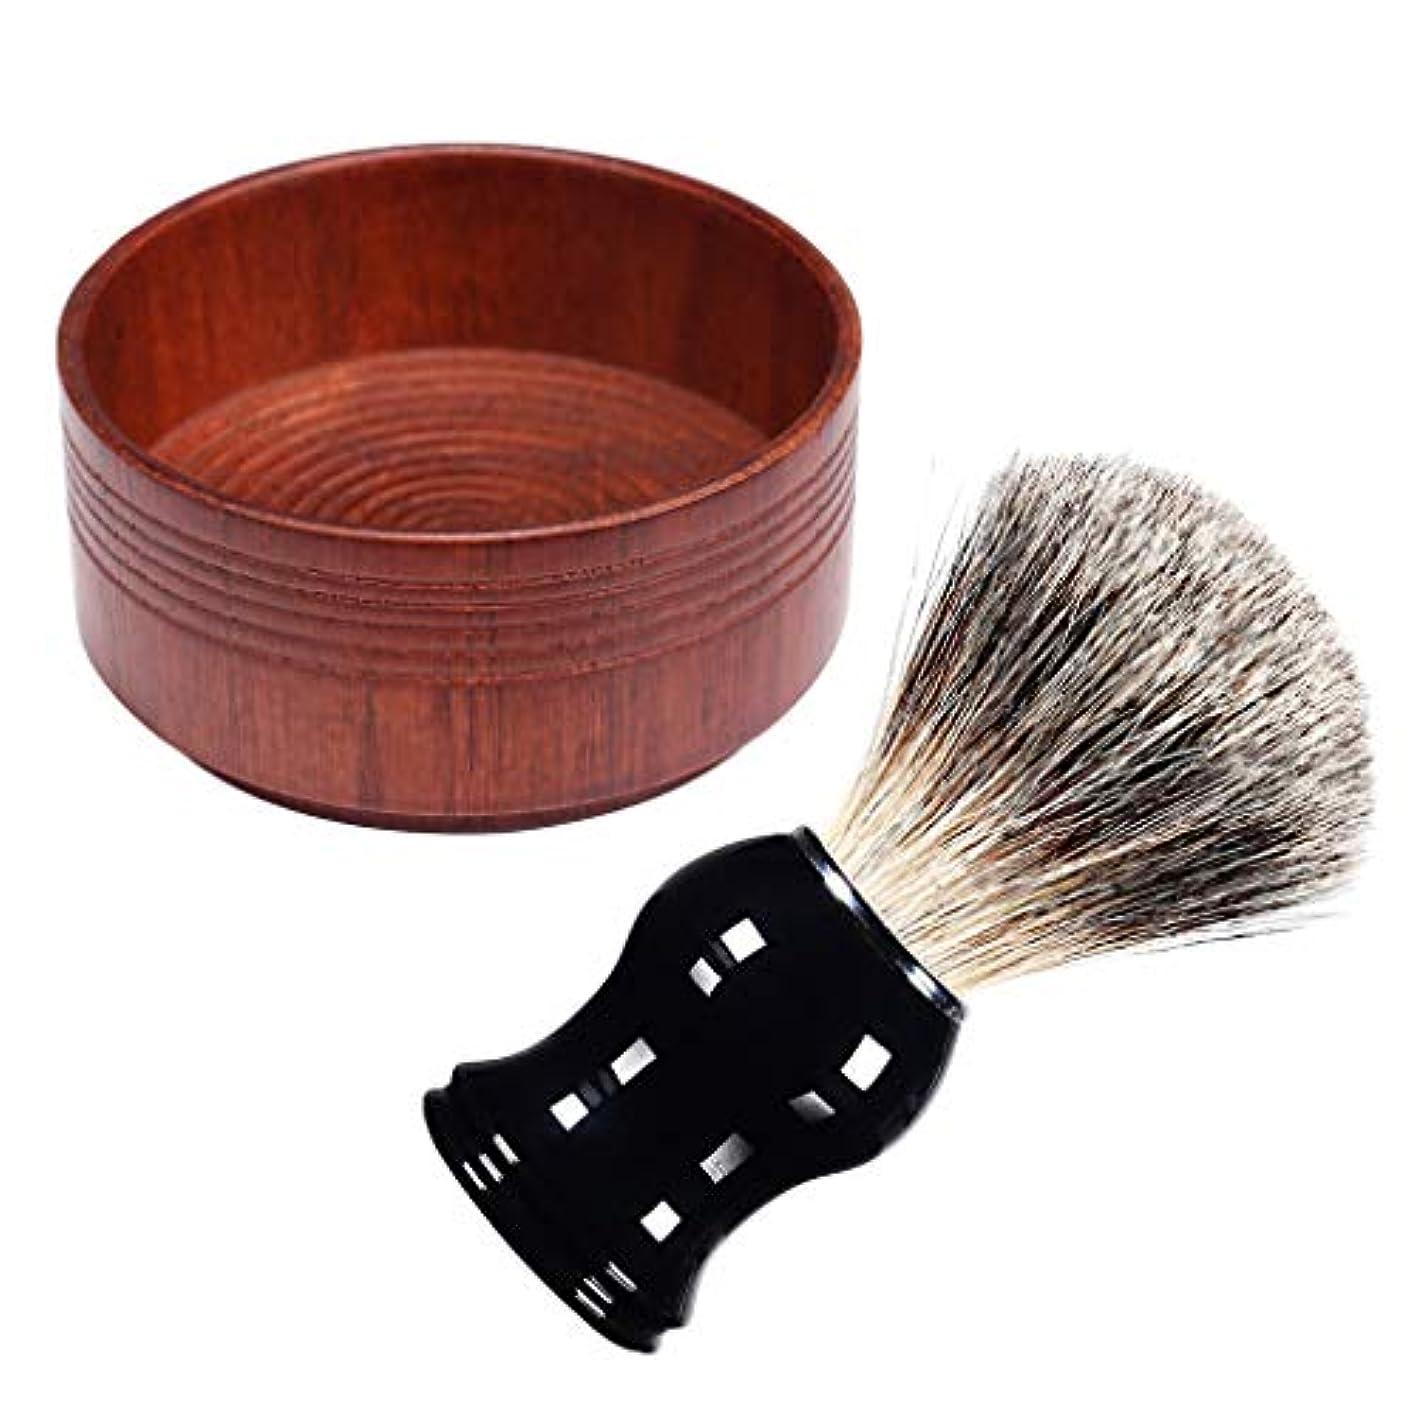 説得スポーツ影シェービングブラシ シェービングボウル メンズ用 理容 洗顔 髭剃り メンズ 実用的 全3スタイル - 02, 説明のとおり